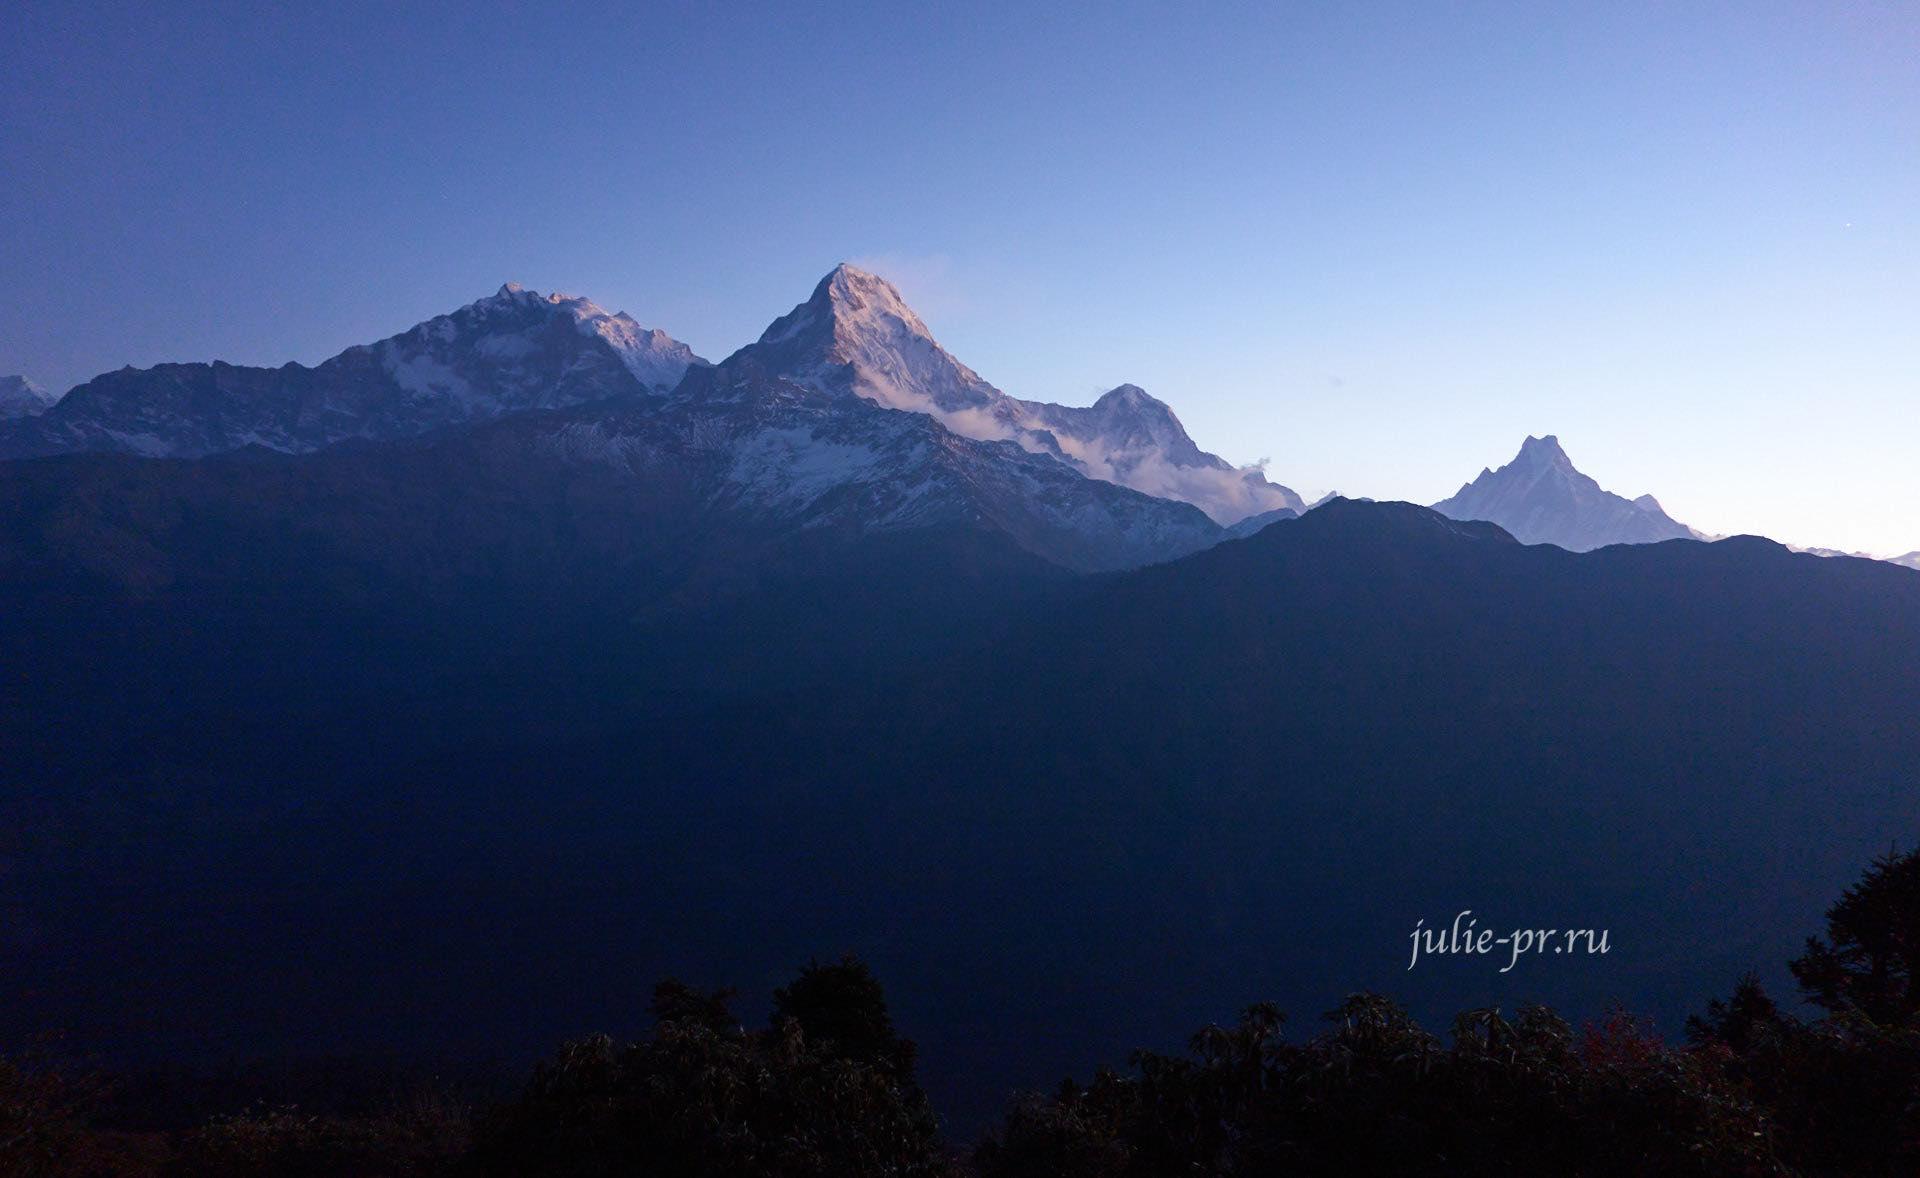 Непал, Пун-Хилл трек, Аннапурна